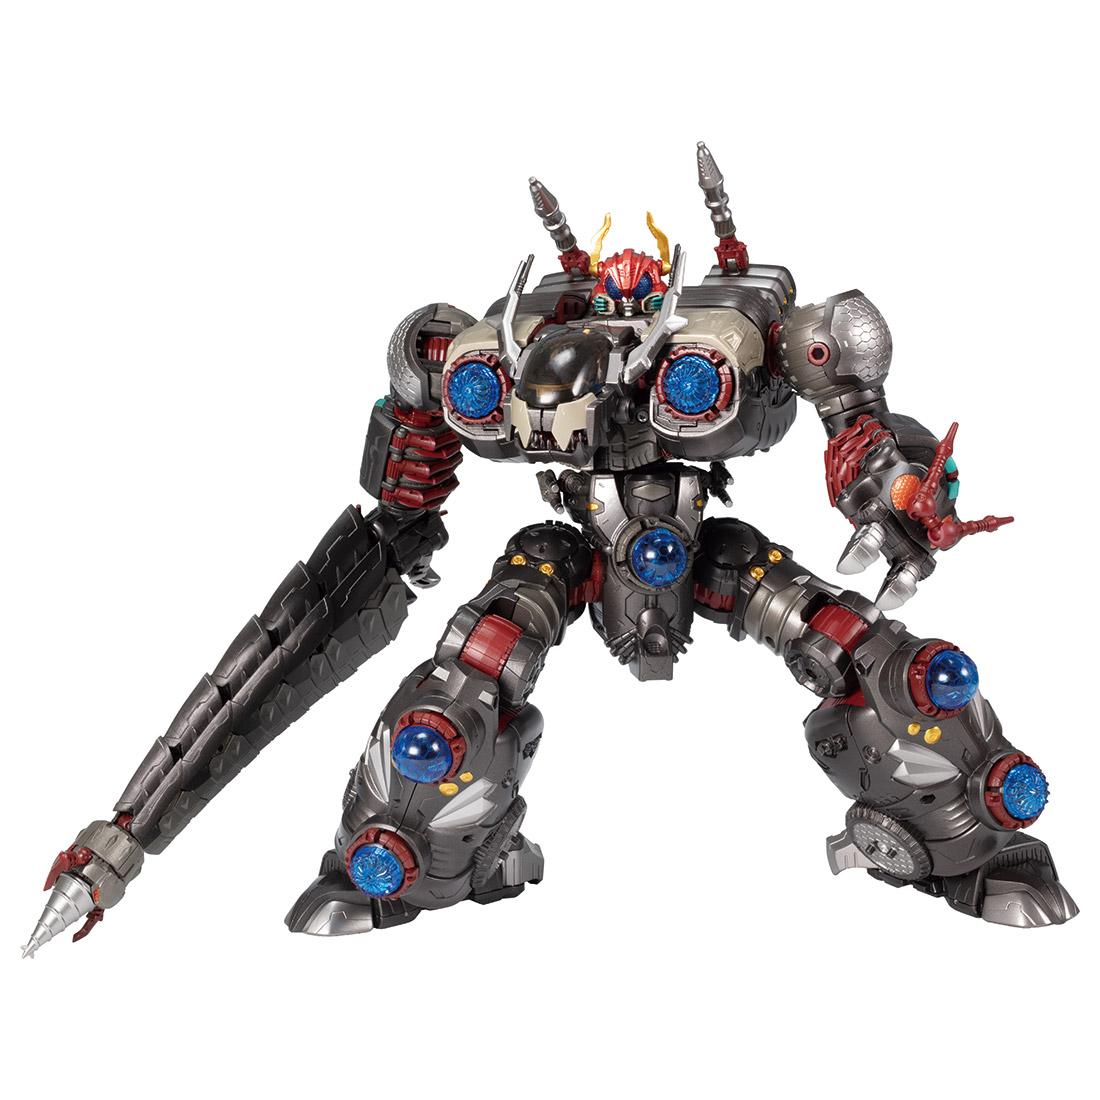 ダイアクロン『DA-50 ワルダロス〈ギガンター〉』可動フィギュア-001